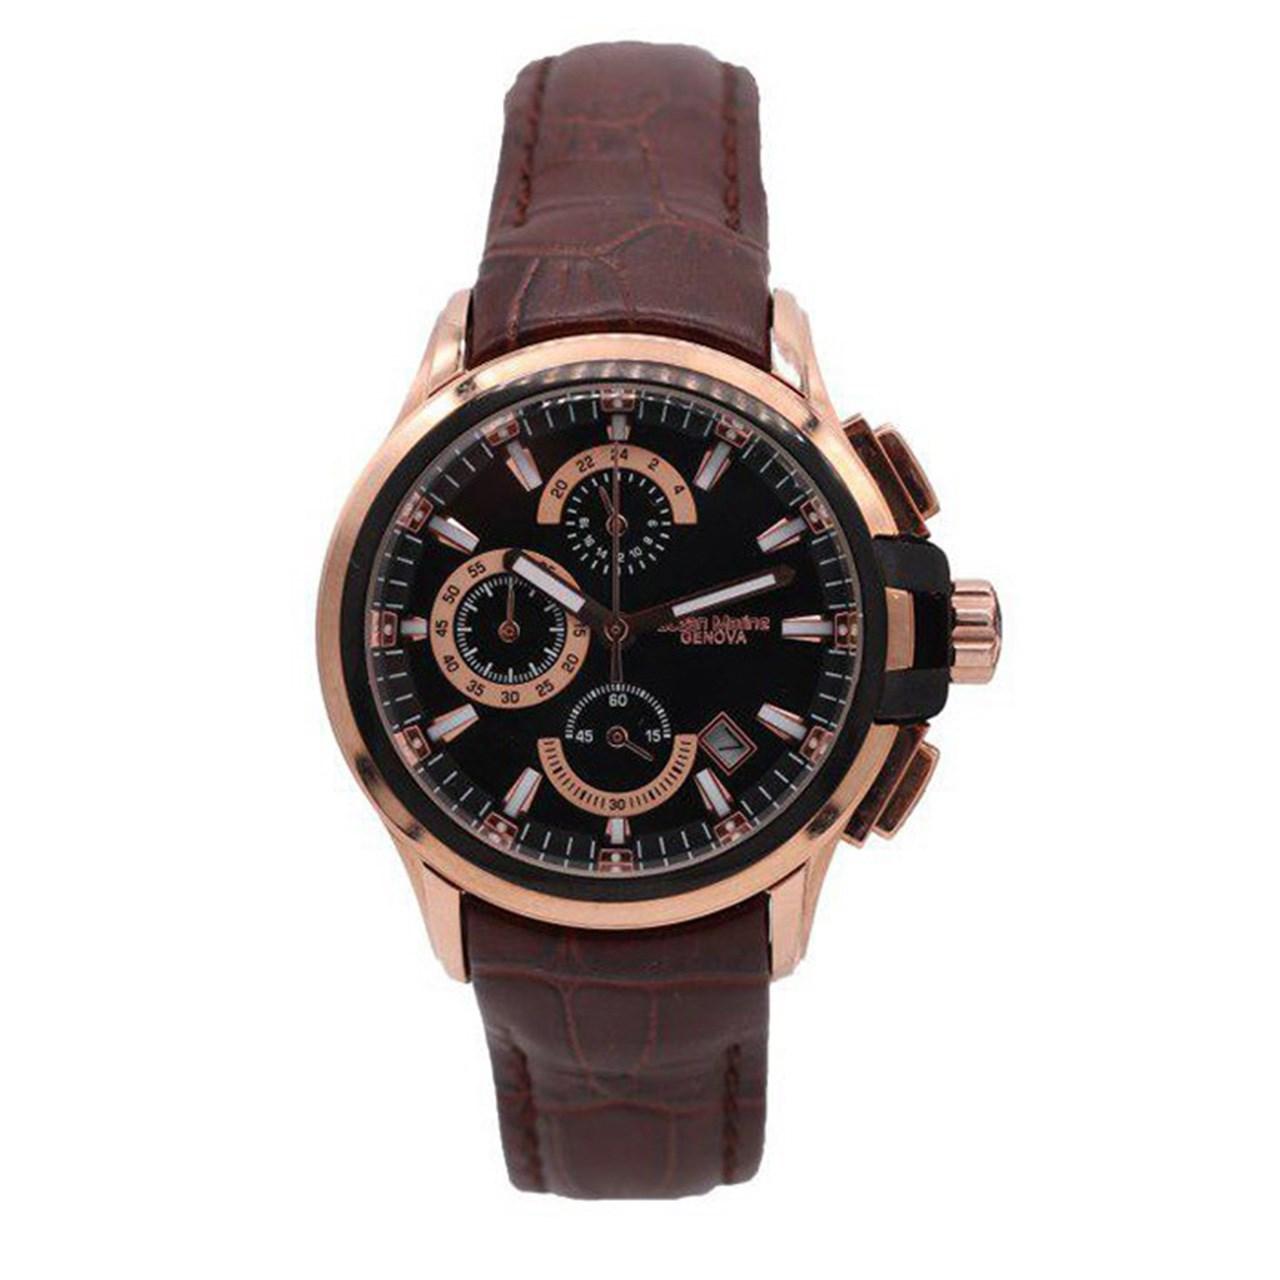 خرید ساعت مچی عقربه ای زنانه مدل اوشن مارین Z-318Lc3